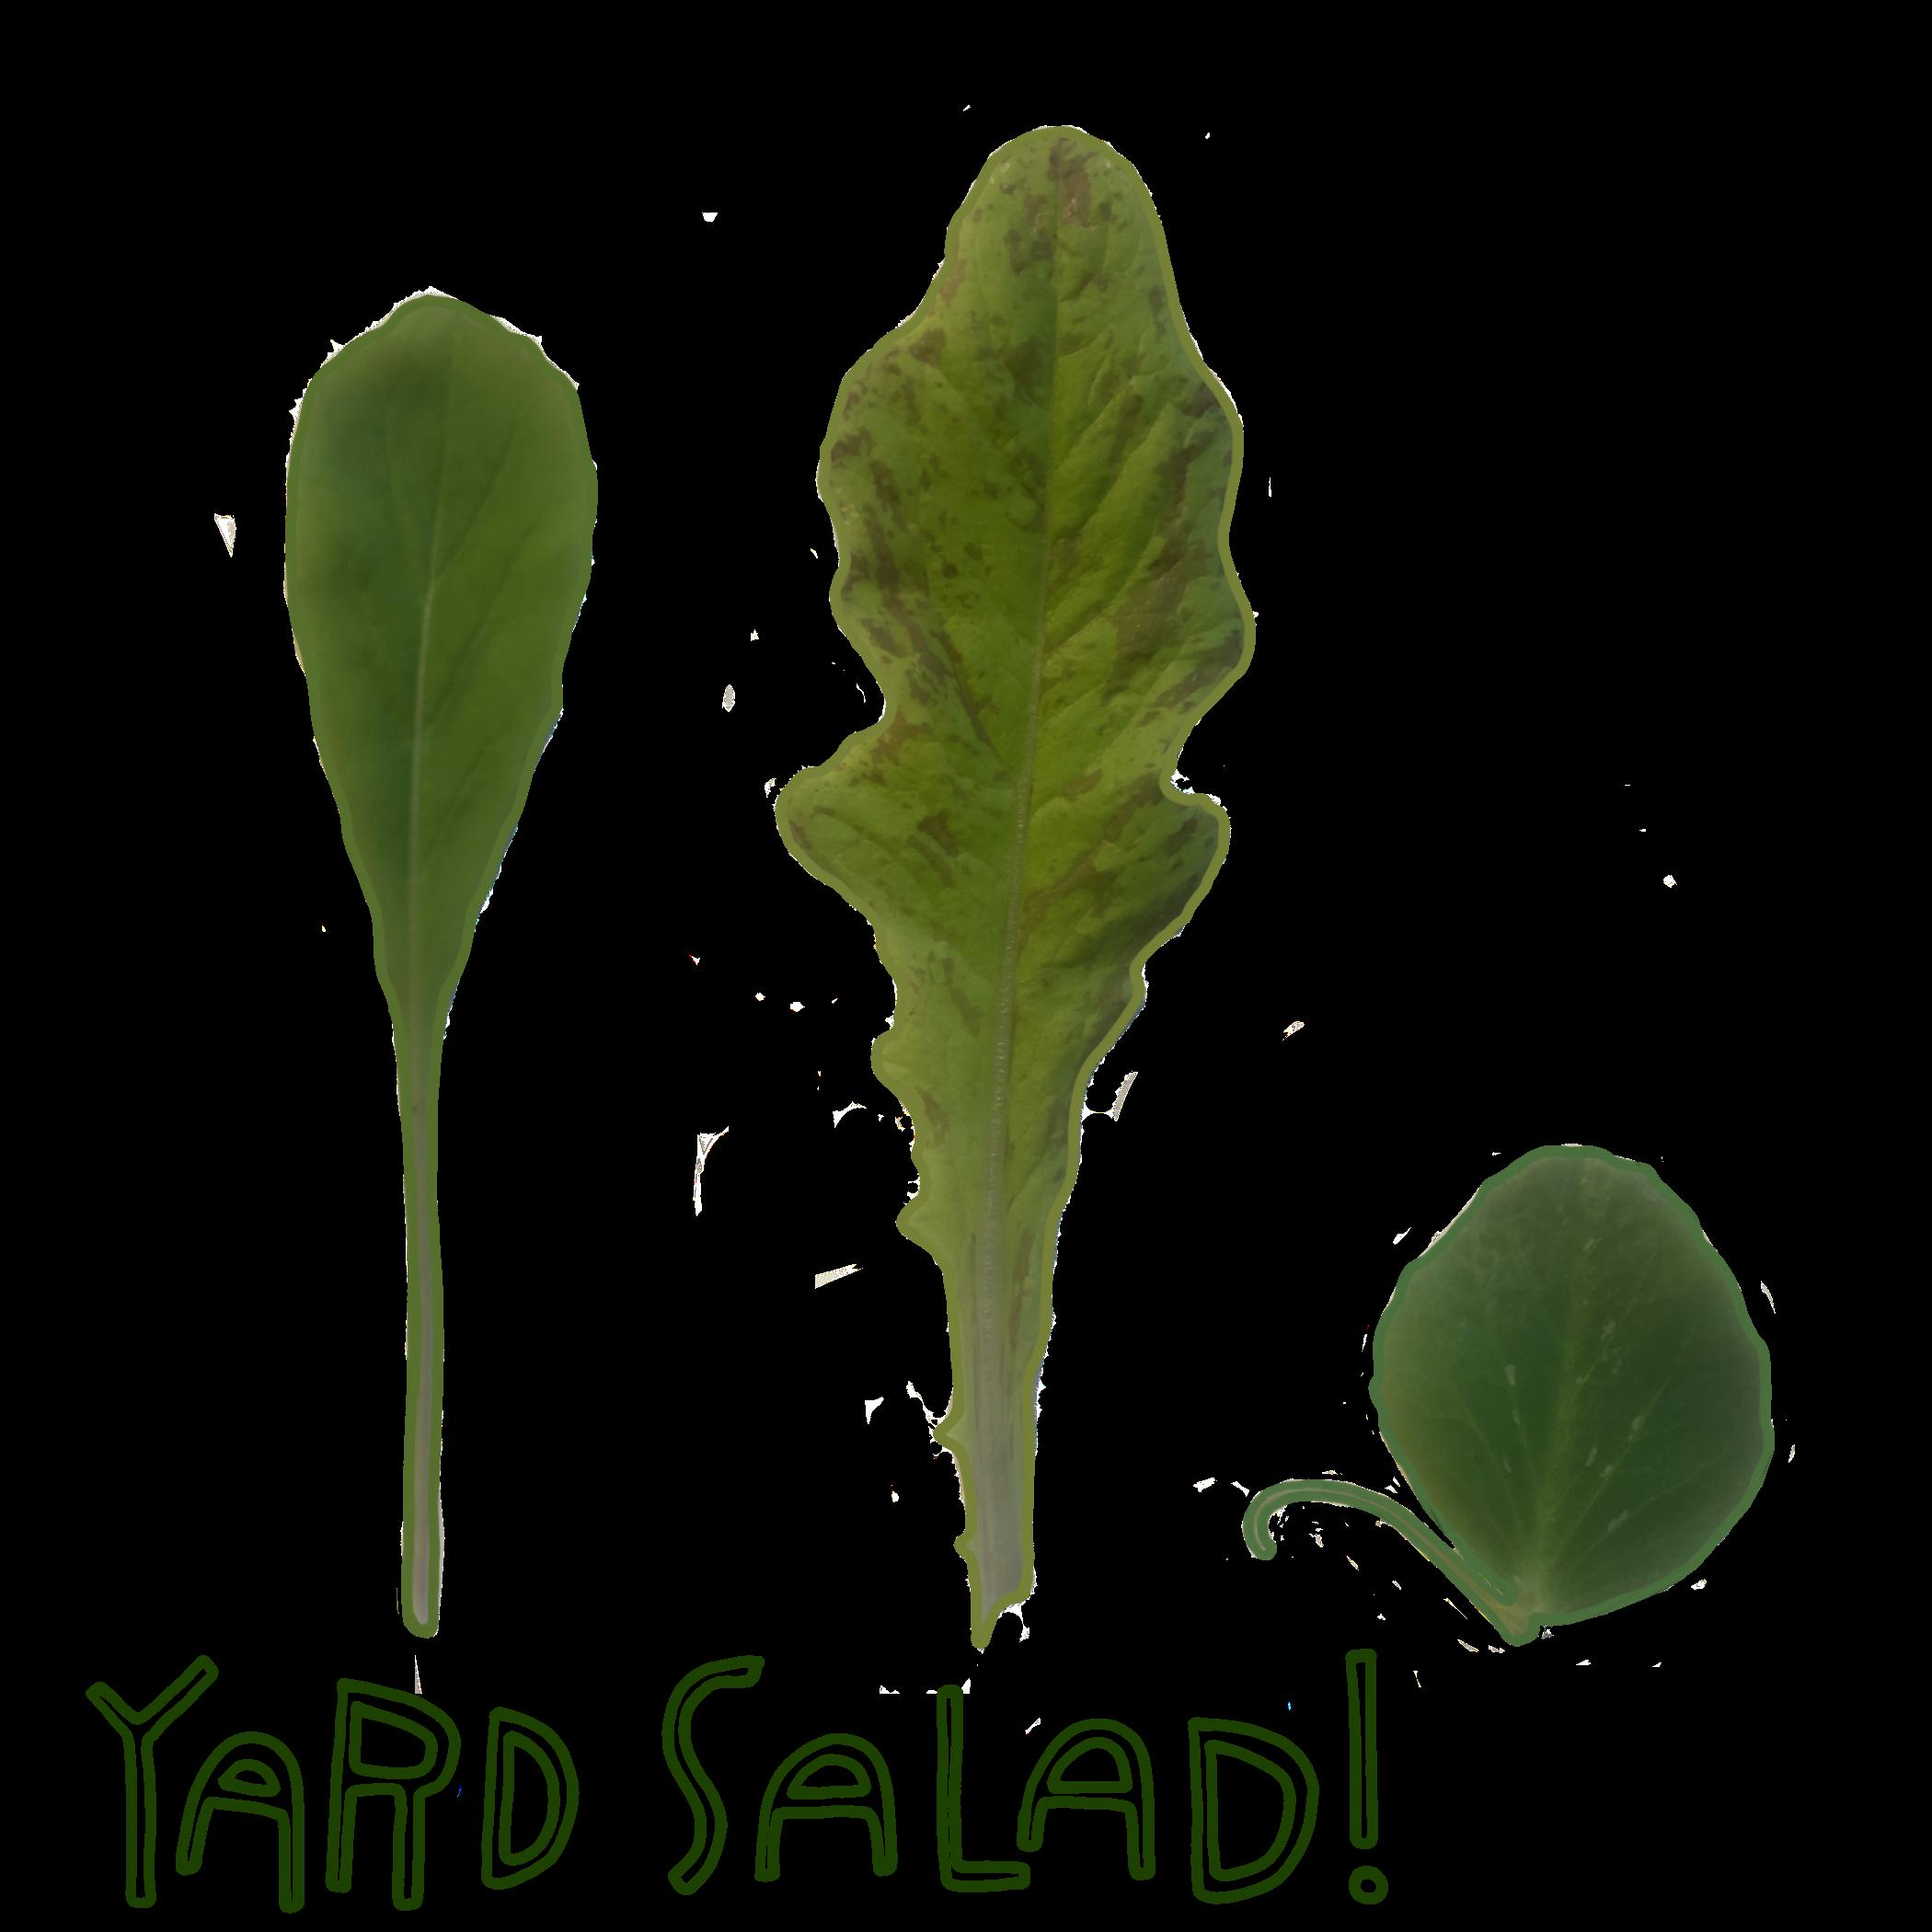 jordan_kushins_yard_salad!.png